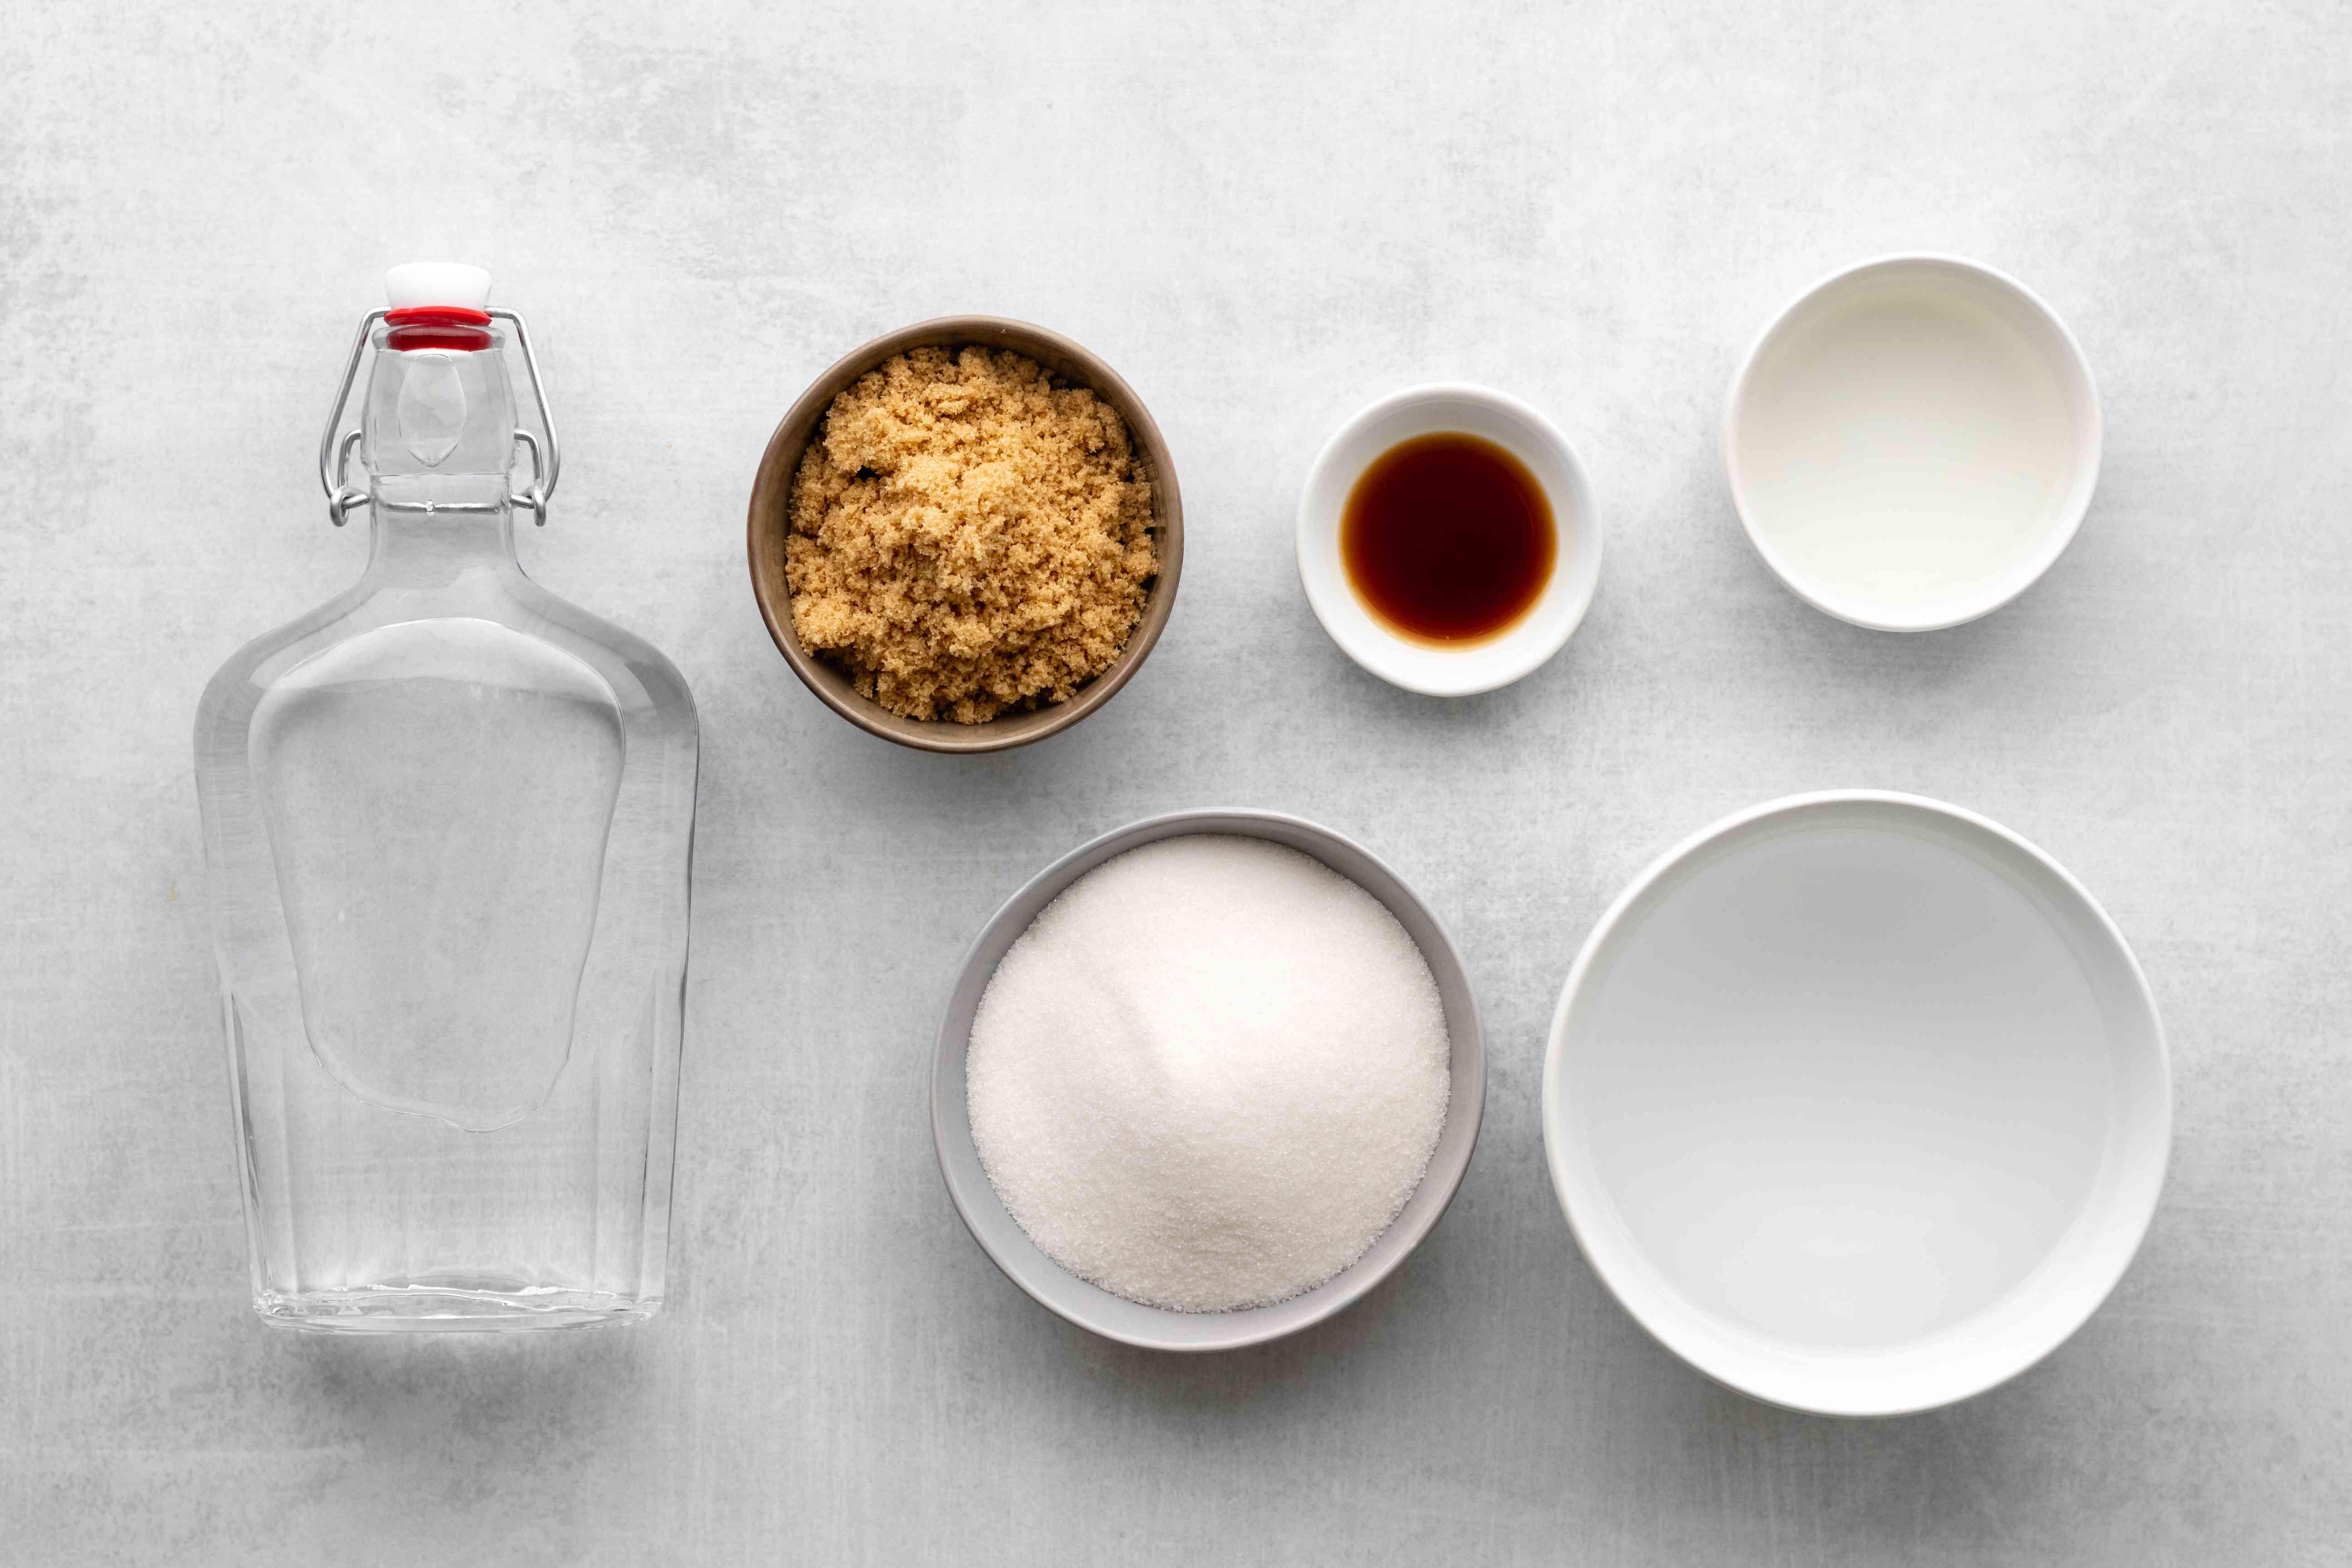 Homemade Amaretto Liqueur ingredients